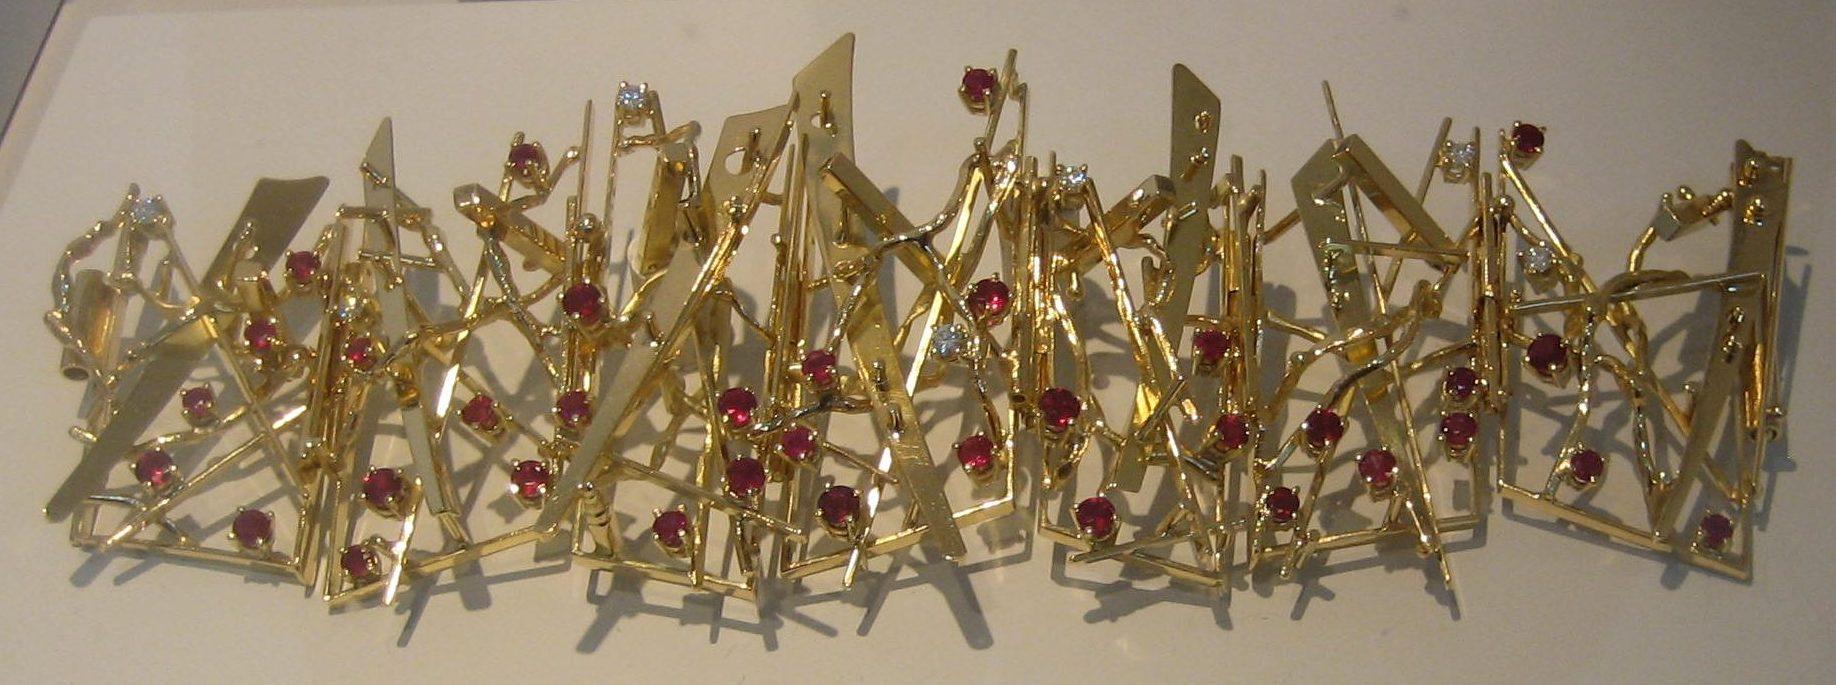 Anneke Schat, Flashing Glitter, armband, 2014. Museum Van der Togt, februari 2019. Foto Esther Doornbusch, CC BY 4.0